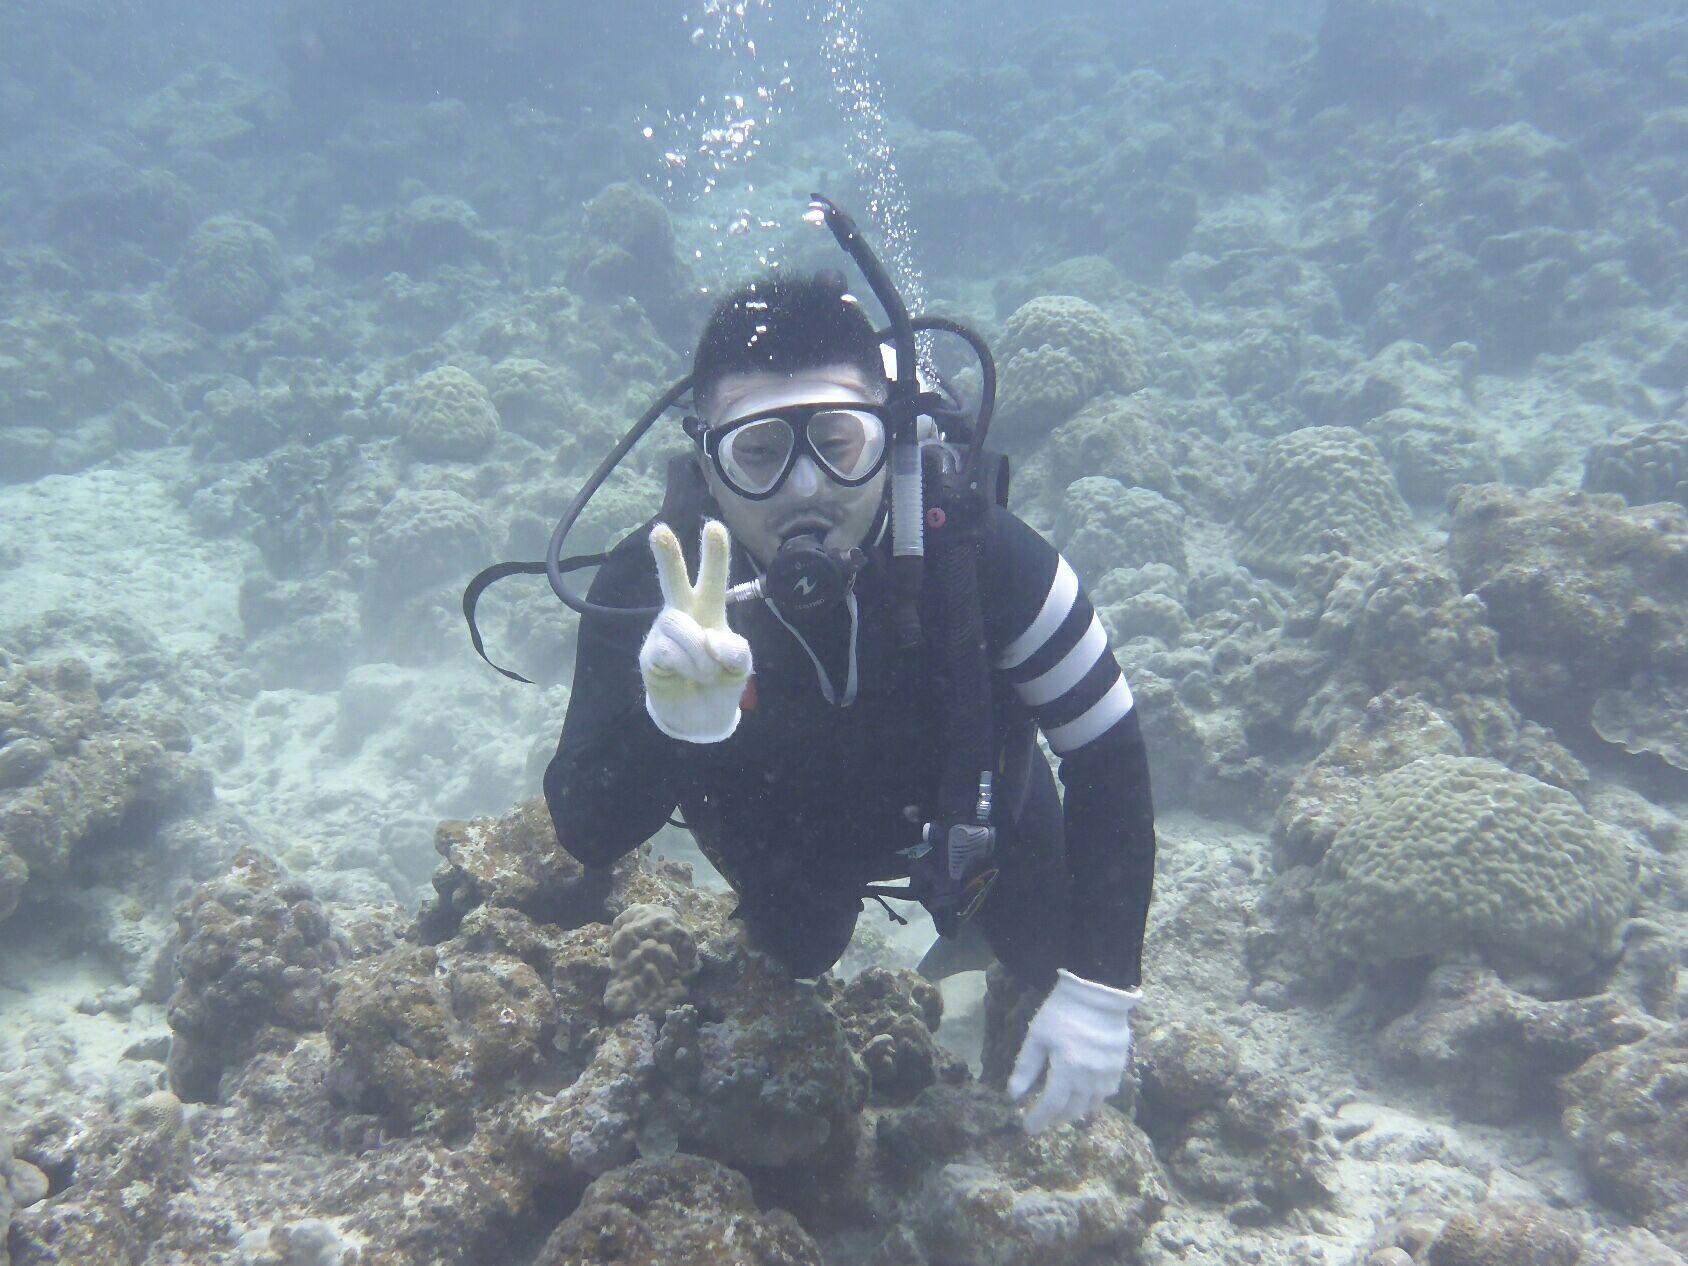 沖縄満喫したぜ!石川県珠洲市釣り船シーク号船長ダイスケが沖縄でロウニンアジに挑む!